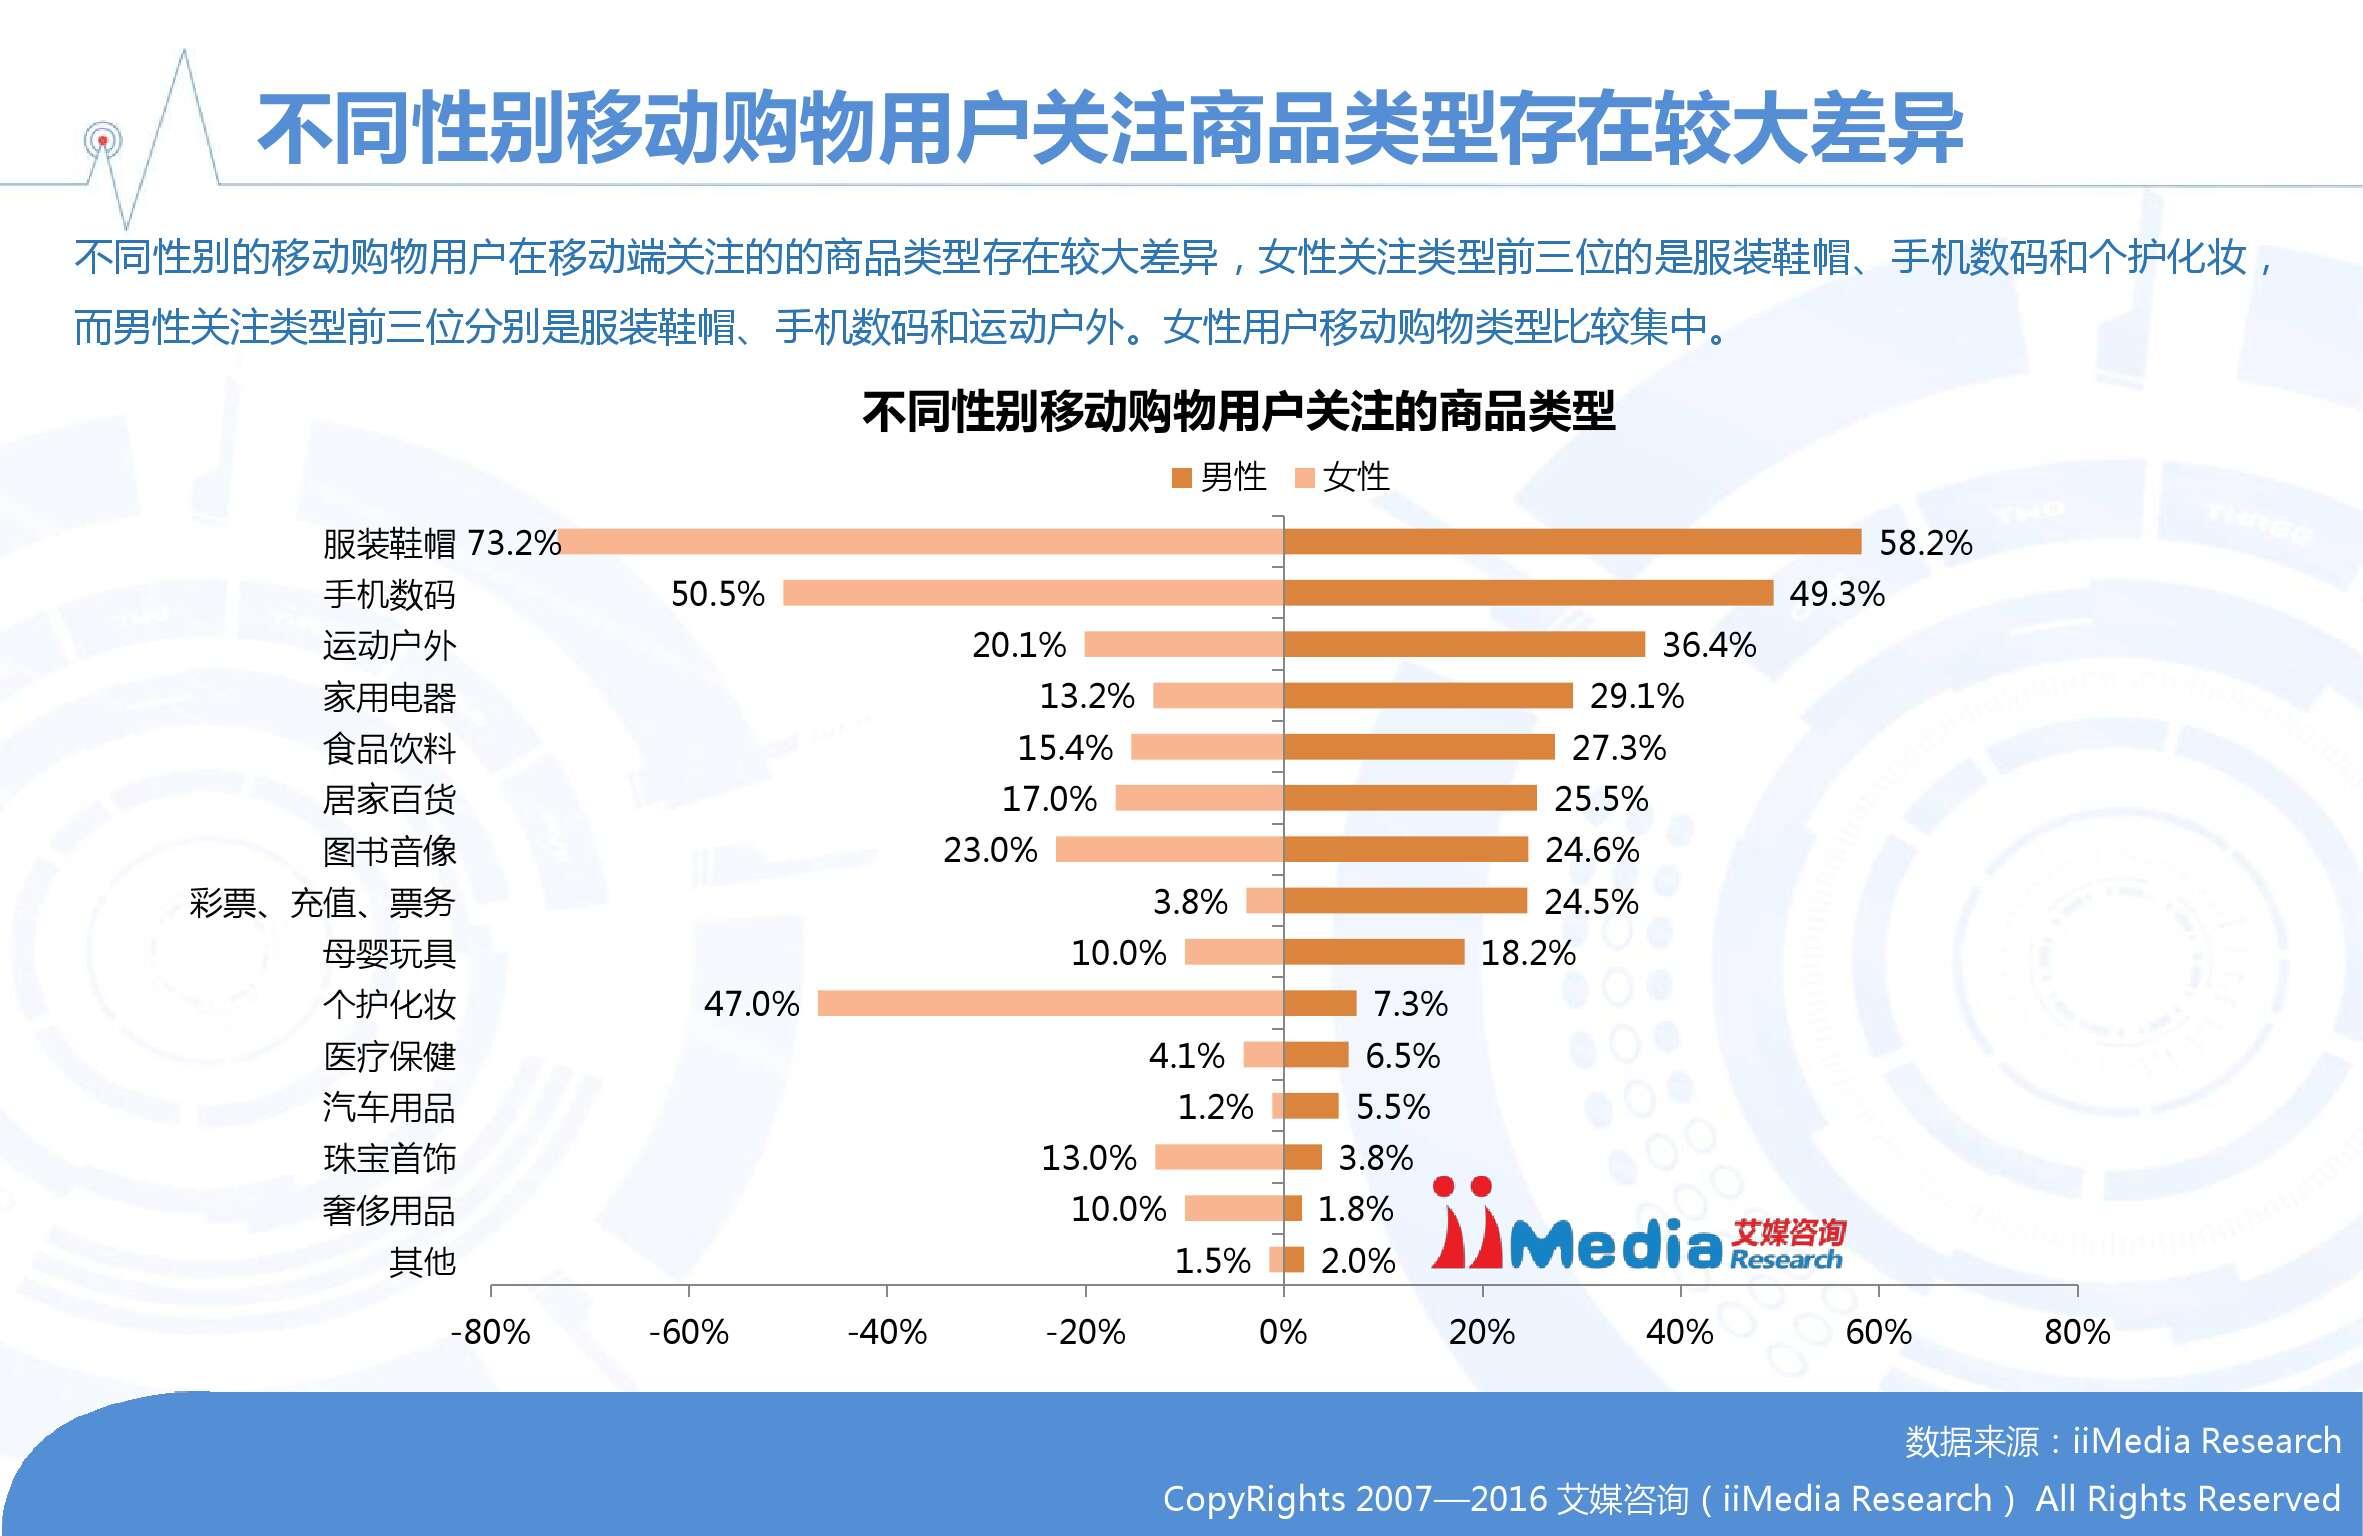 2015-2016中国移动电商市场年度报告_000015